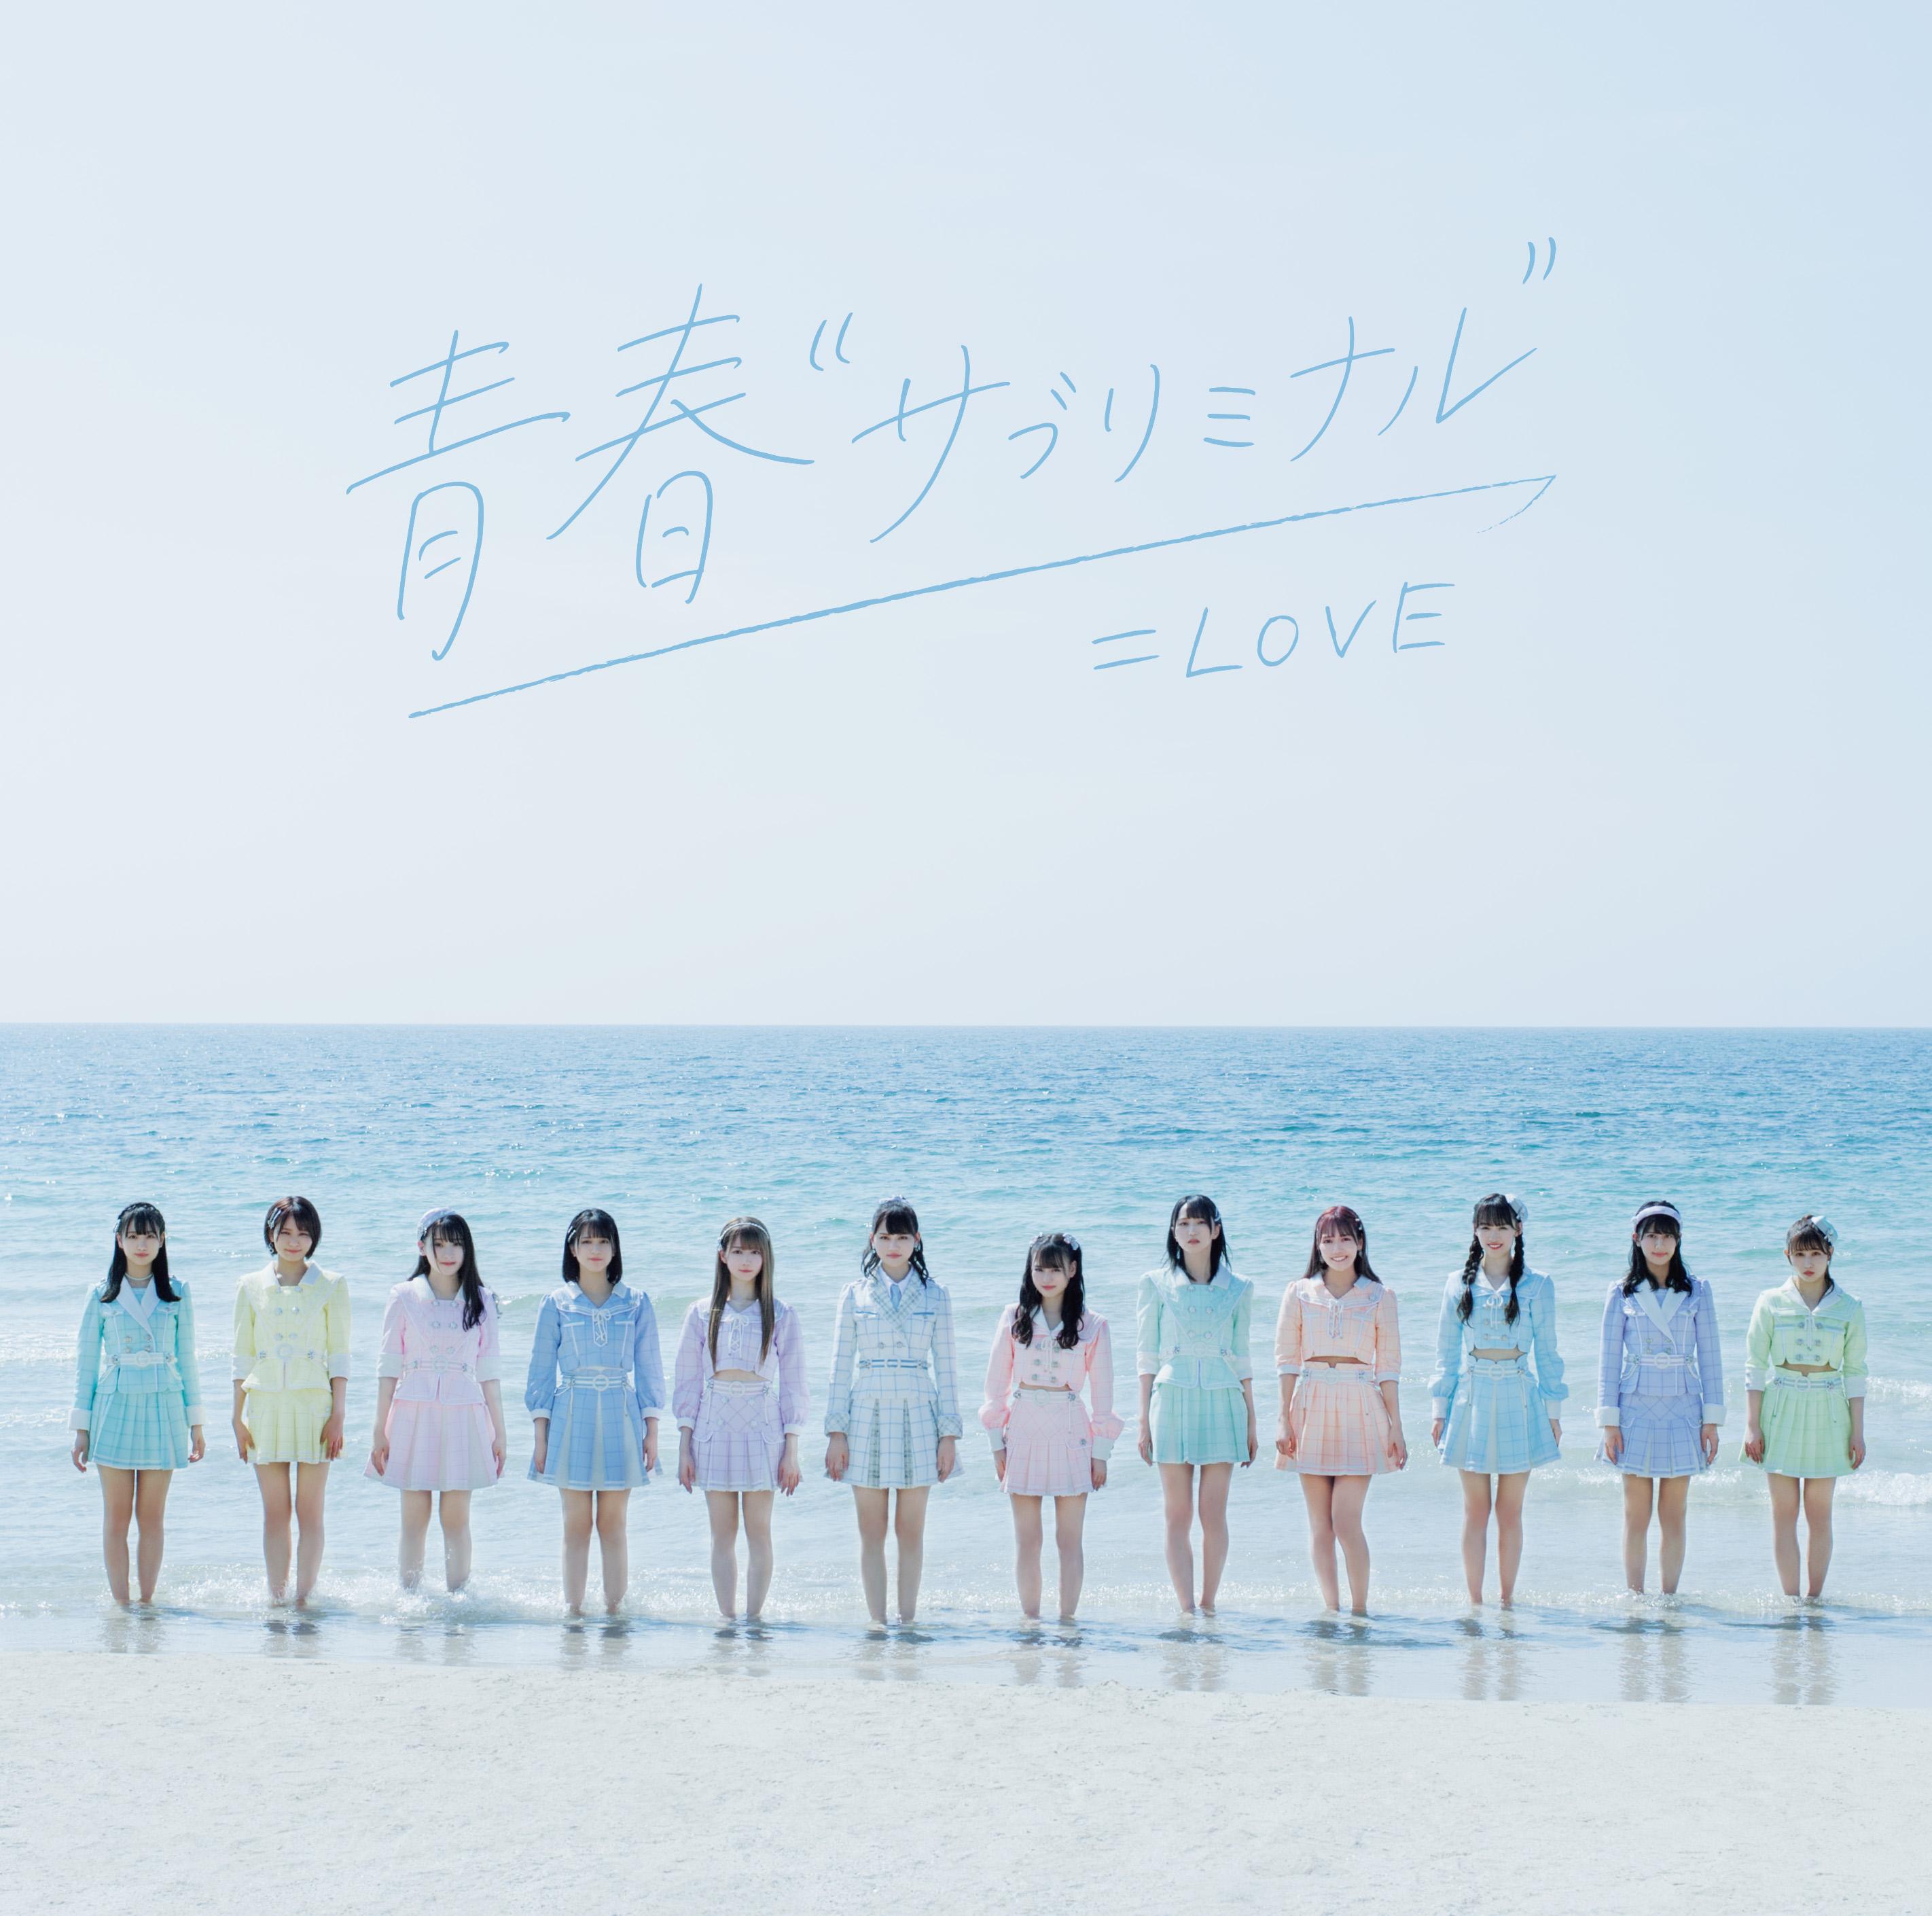 """青春""""サブリミナル""""[CD+DVD/Type-A]"""